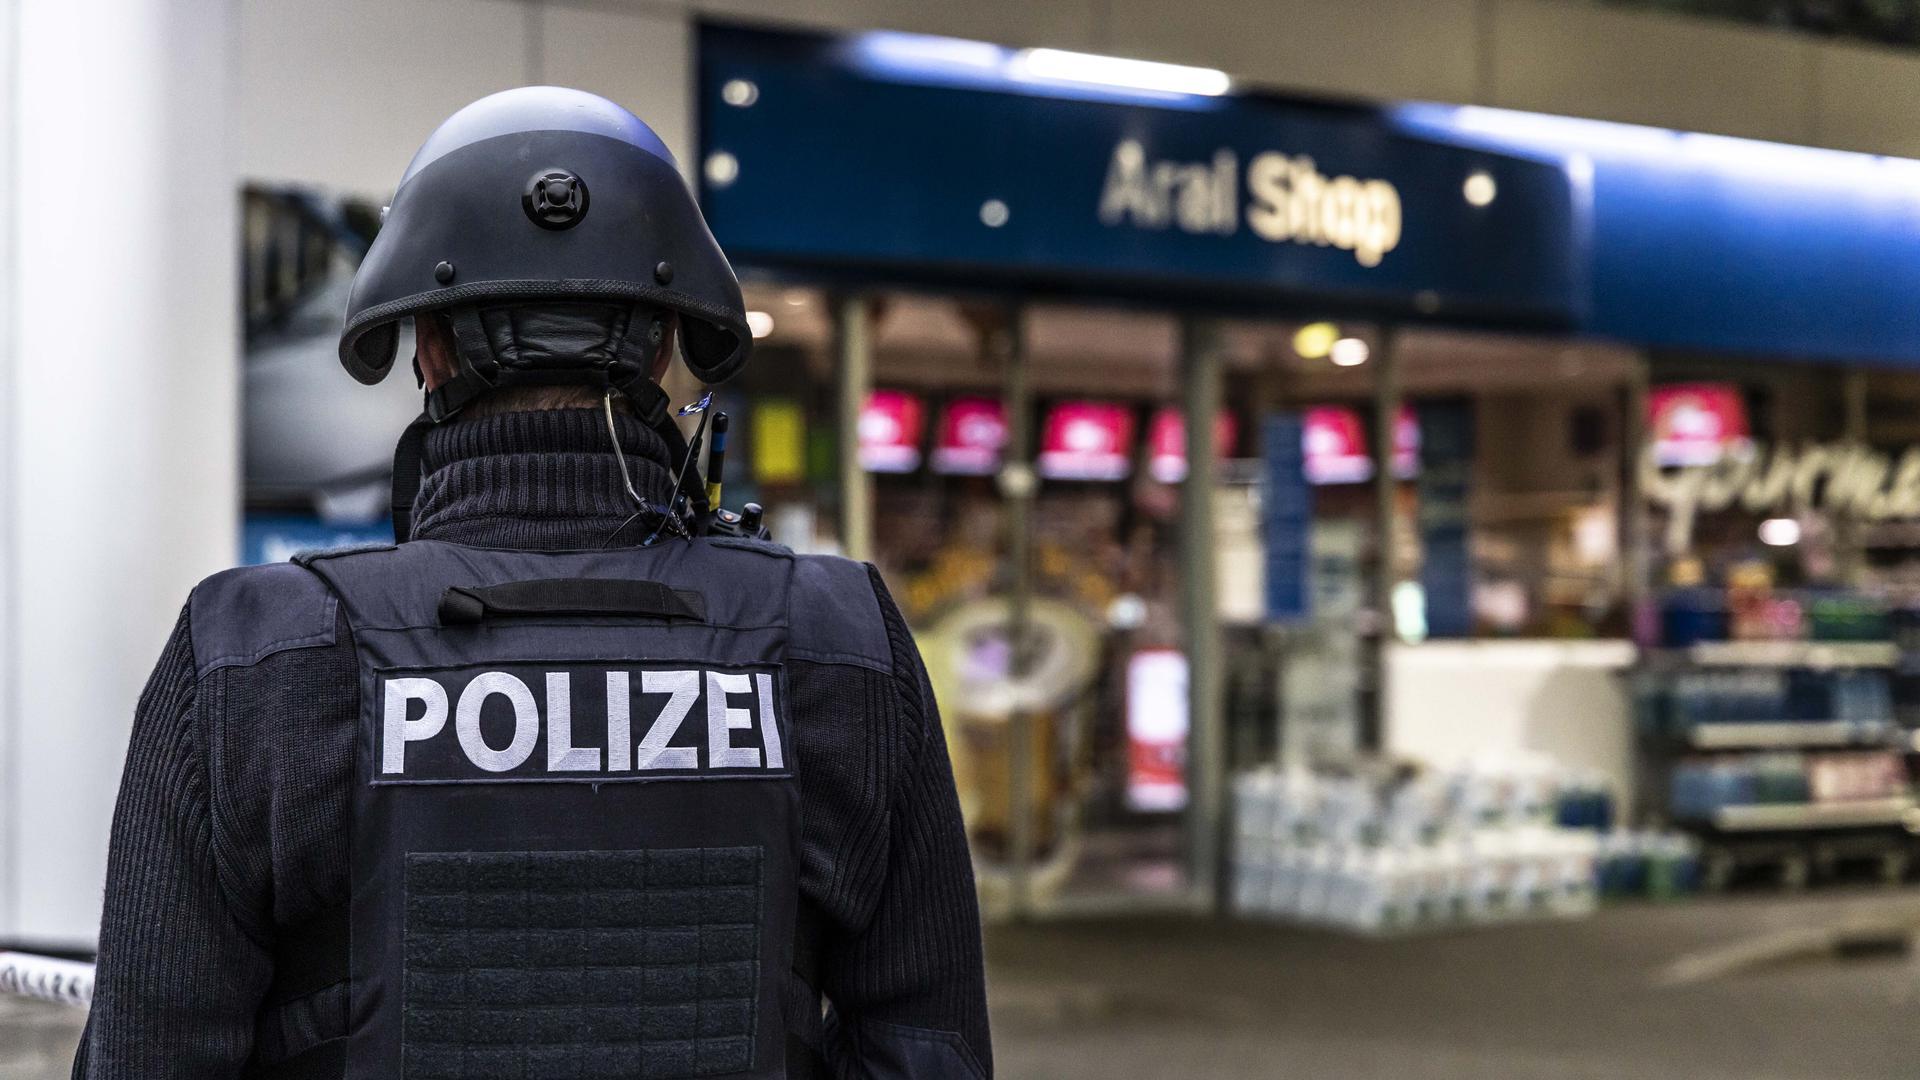 Ein Polizist sichert am frühen Morgen eine Tankstelle. Ein Angestellter der Tankstelle war in Idar-Oberstein in Rheinland-Pfalz von einem mit einer Pistole bewaffneten Mann erschossen worden. Die beiden Männer waren am Samstagabend vor dem Tankstellengebäude in Streit geraten, wie die Polizei mitteilte. Anschließend flüchtete der Täter zu Fuß. +++ dpa-Bildfunk +++